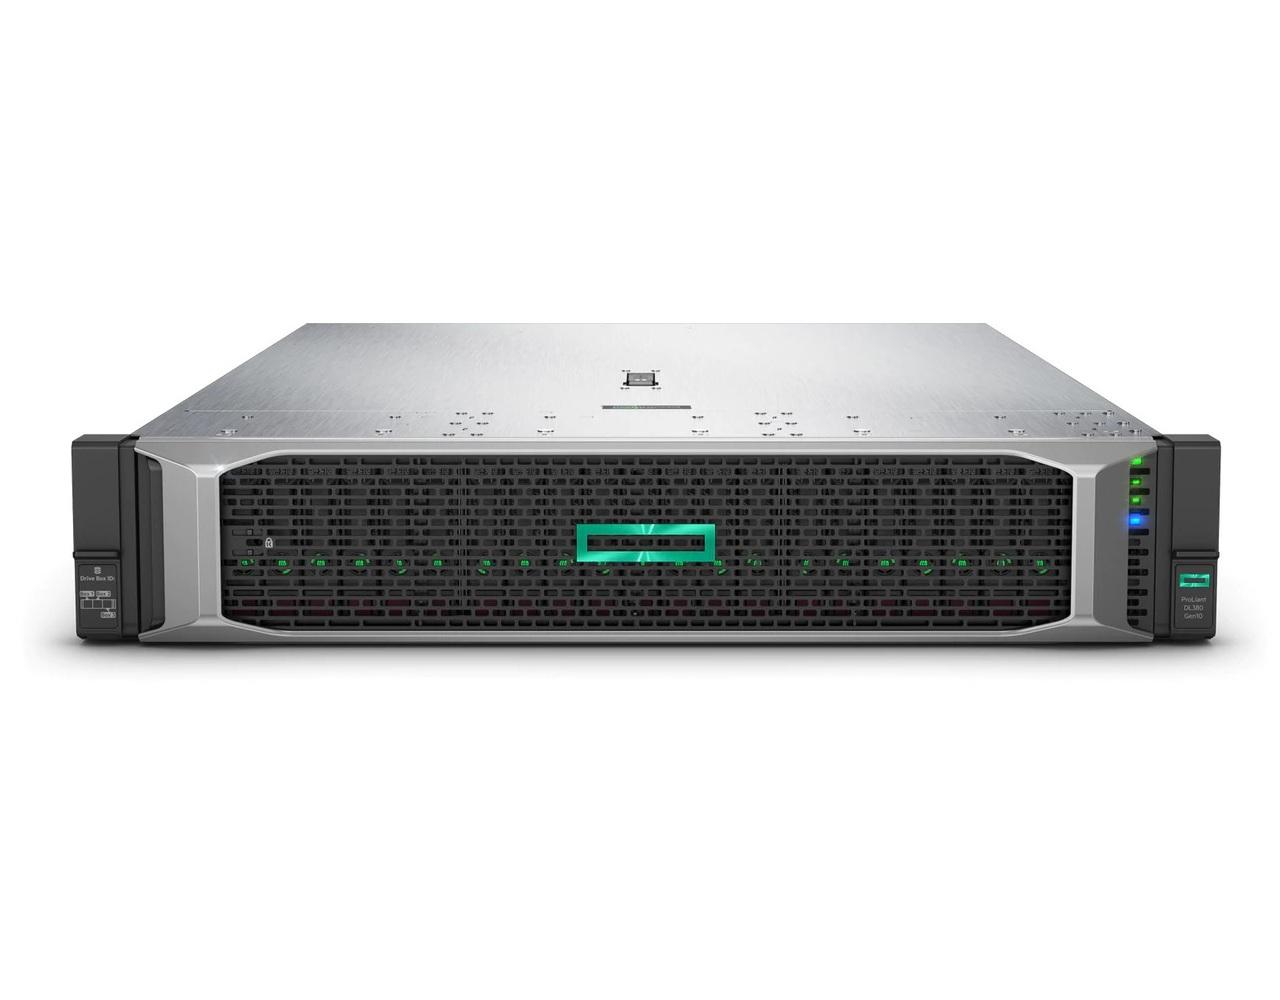 Hewlett Packard Enterprise ProLiant DL380 Gen10 4208 8SFF PERF WW server 2,1 GHz Intel® Xeon® Silver Rack (2U) 500 W